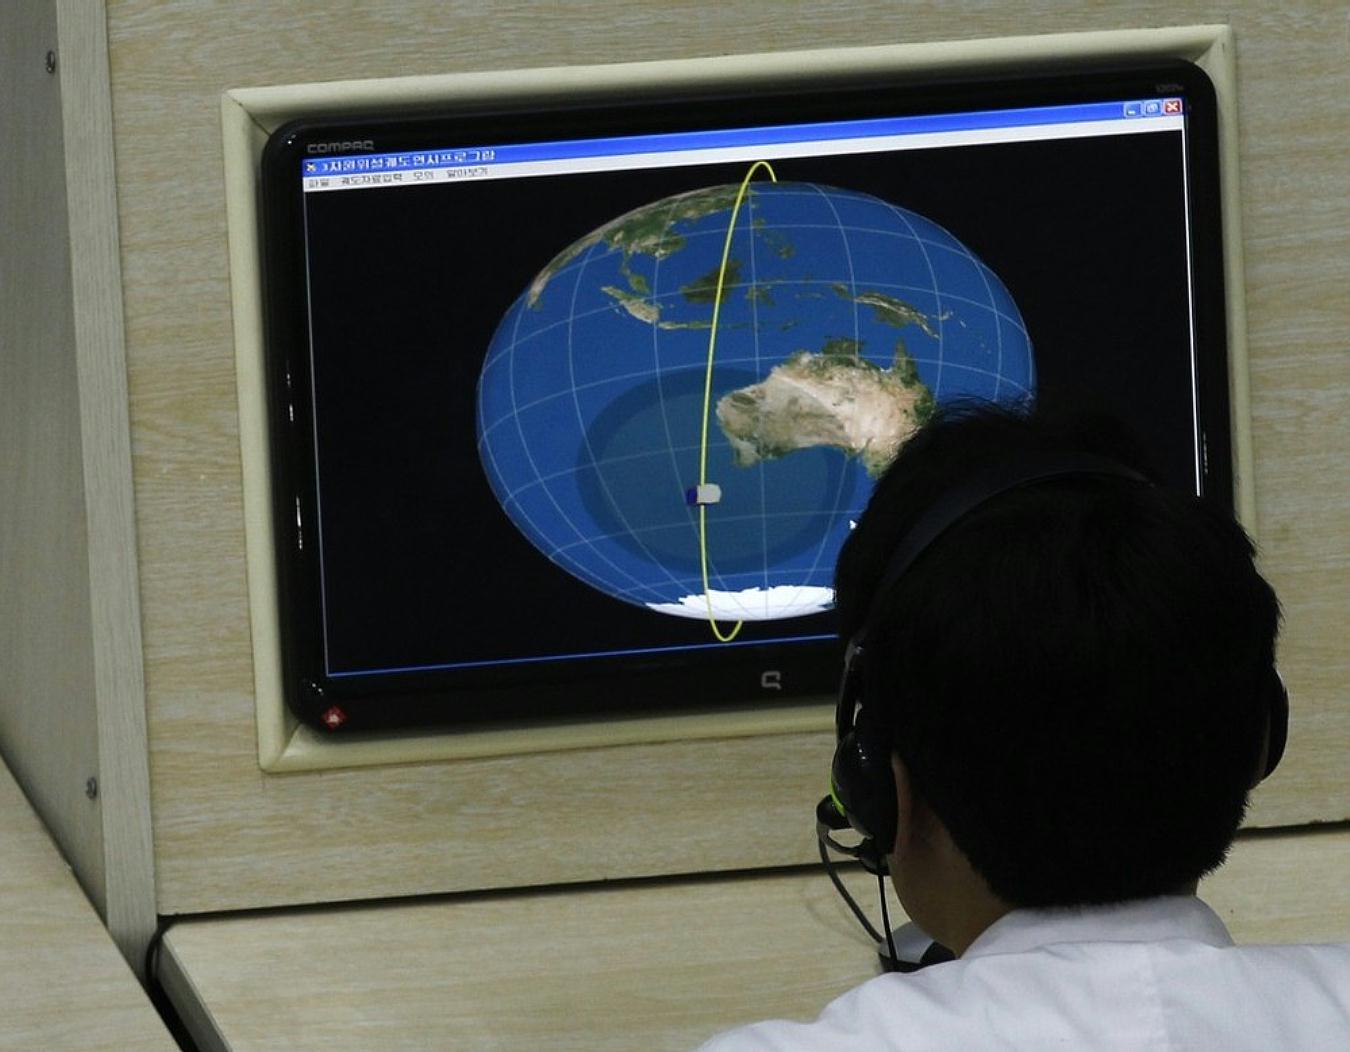 朝鲜火箭发射的点点滴滴 - squirrel - 松鼠的空天随笔